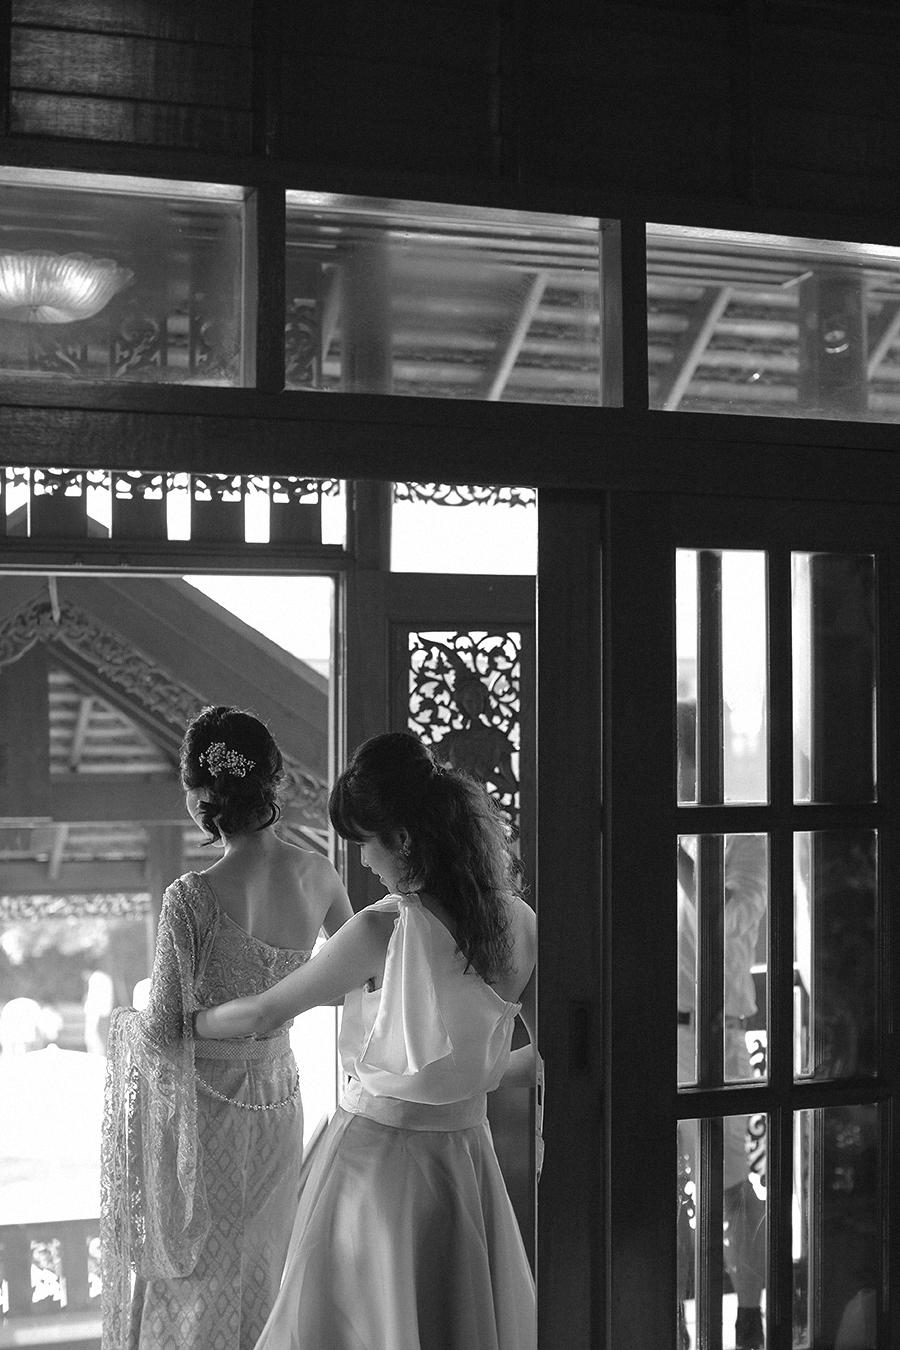 bangkok thailand wedding photography by kurt ahs . ruj+tai . 6243.jpg